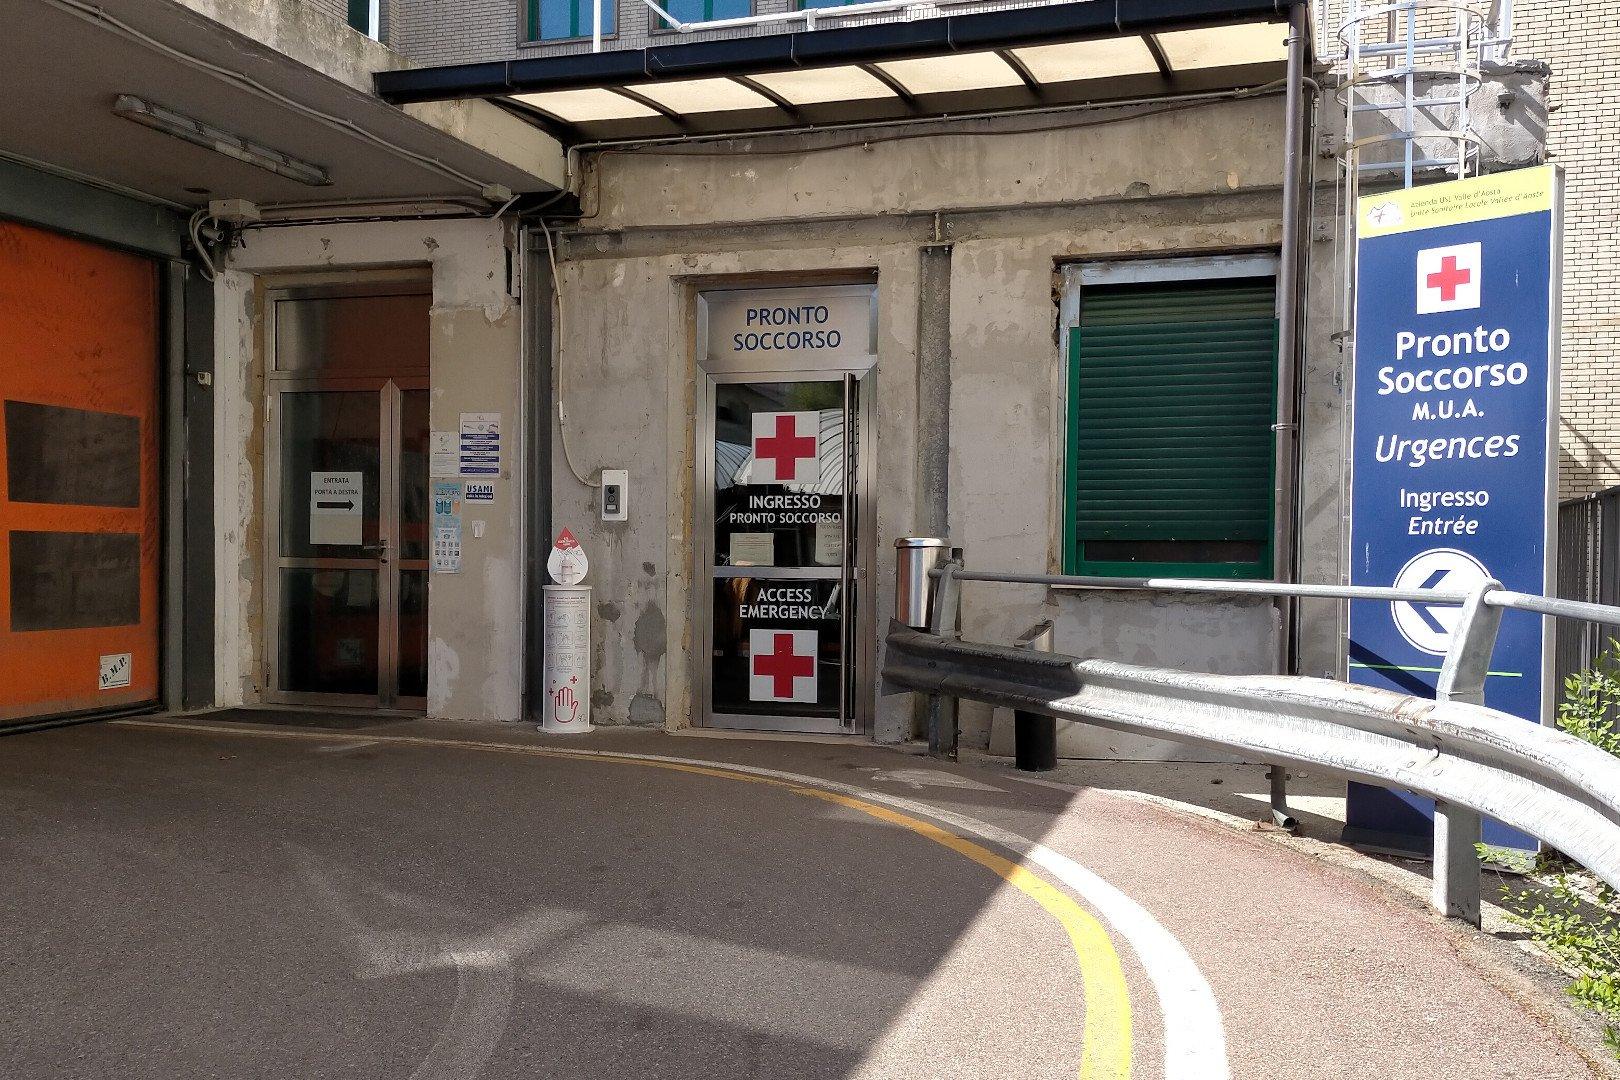 Il Pronto soccorso dell'ospedale 'Parini' di Aosta